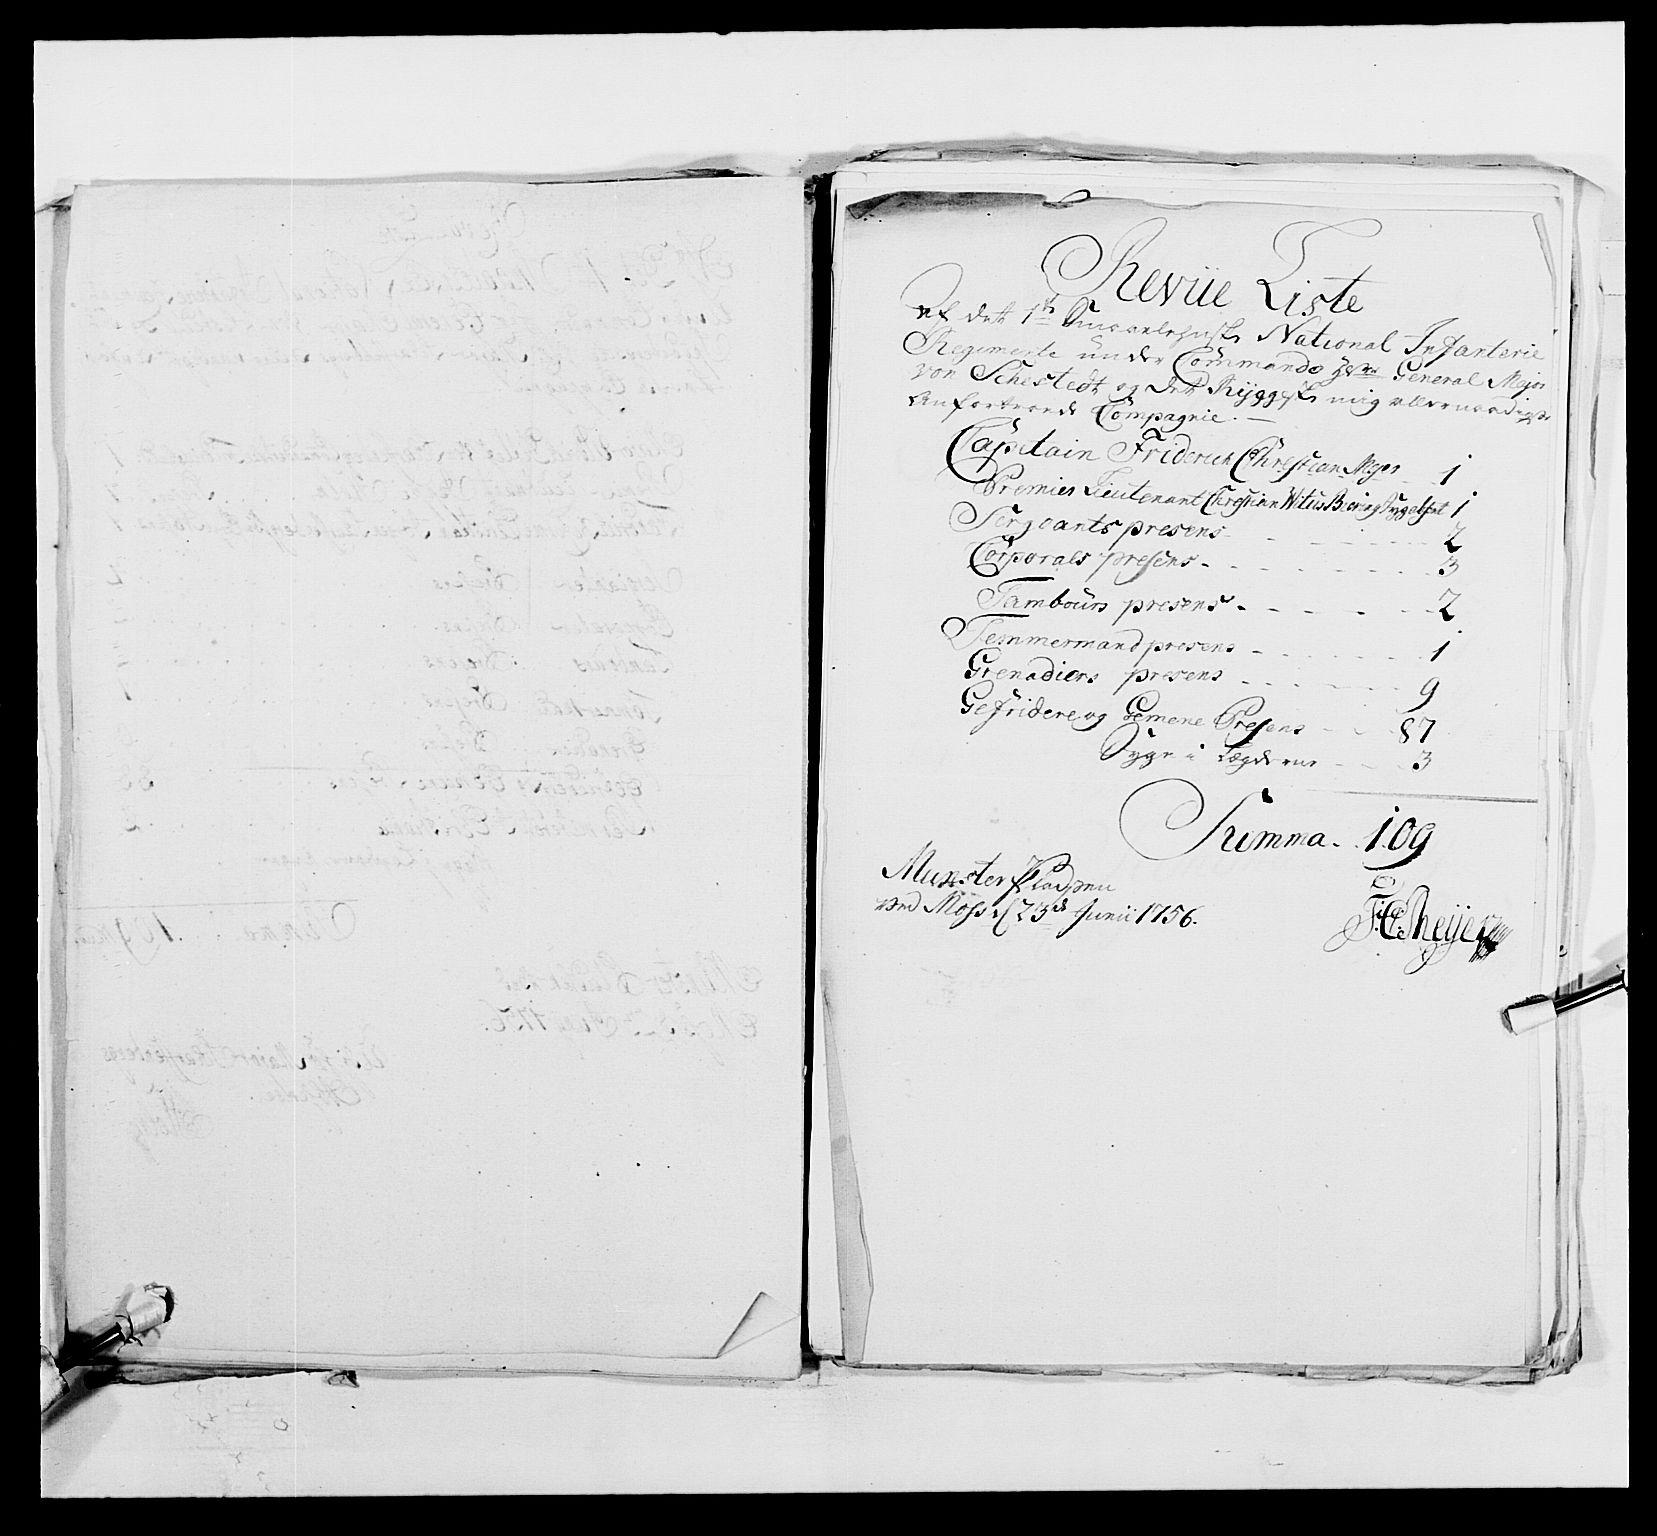 RA, Kommanderende general (KG I) med Det norske krigsdirektorium, E/Ea/L0495: 1. Smålenske regiment, 1732-1763, s. 608